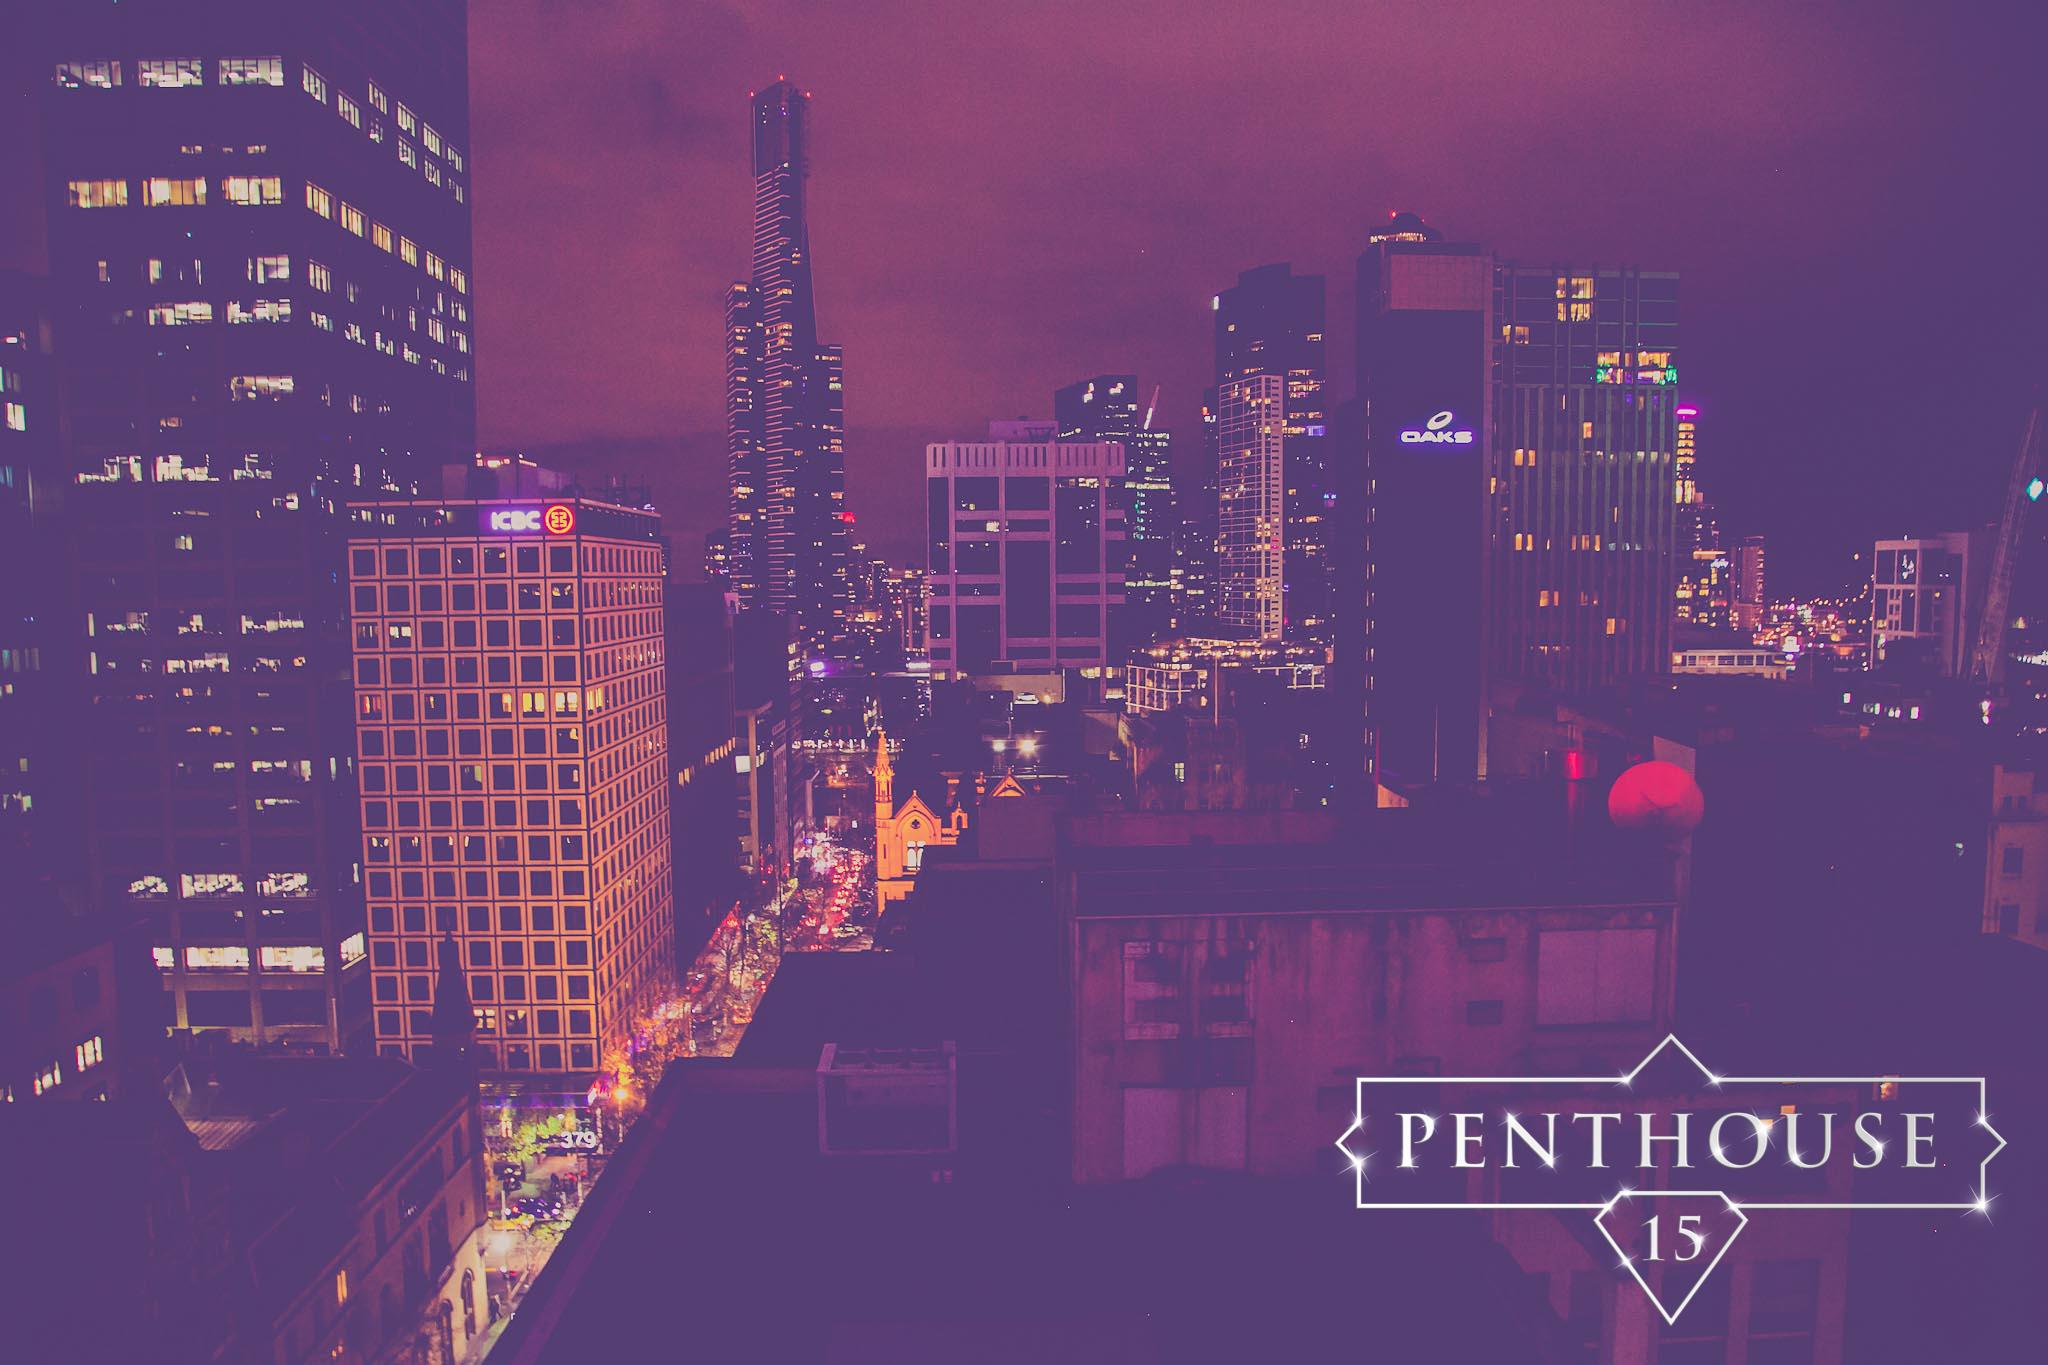 Penthouse_cream_0151.jpg